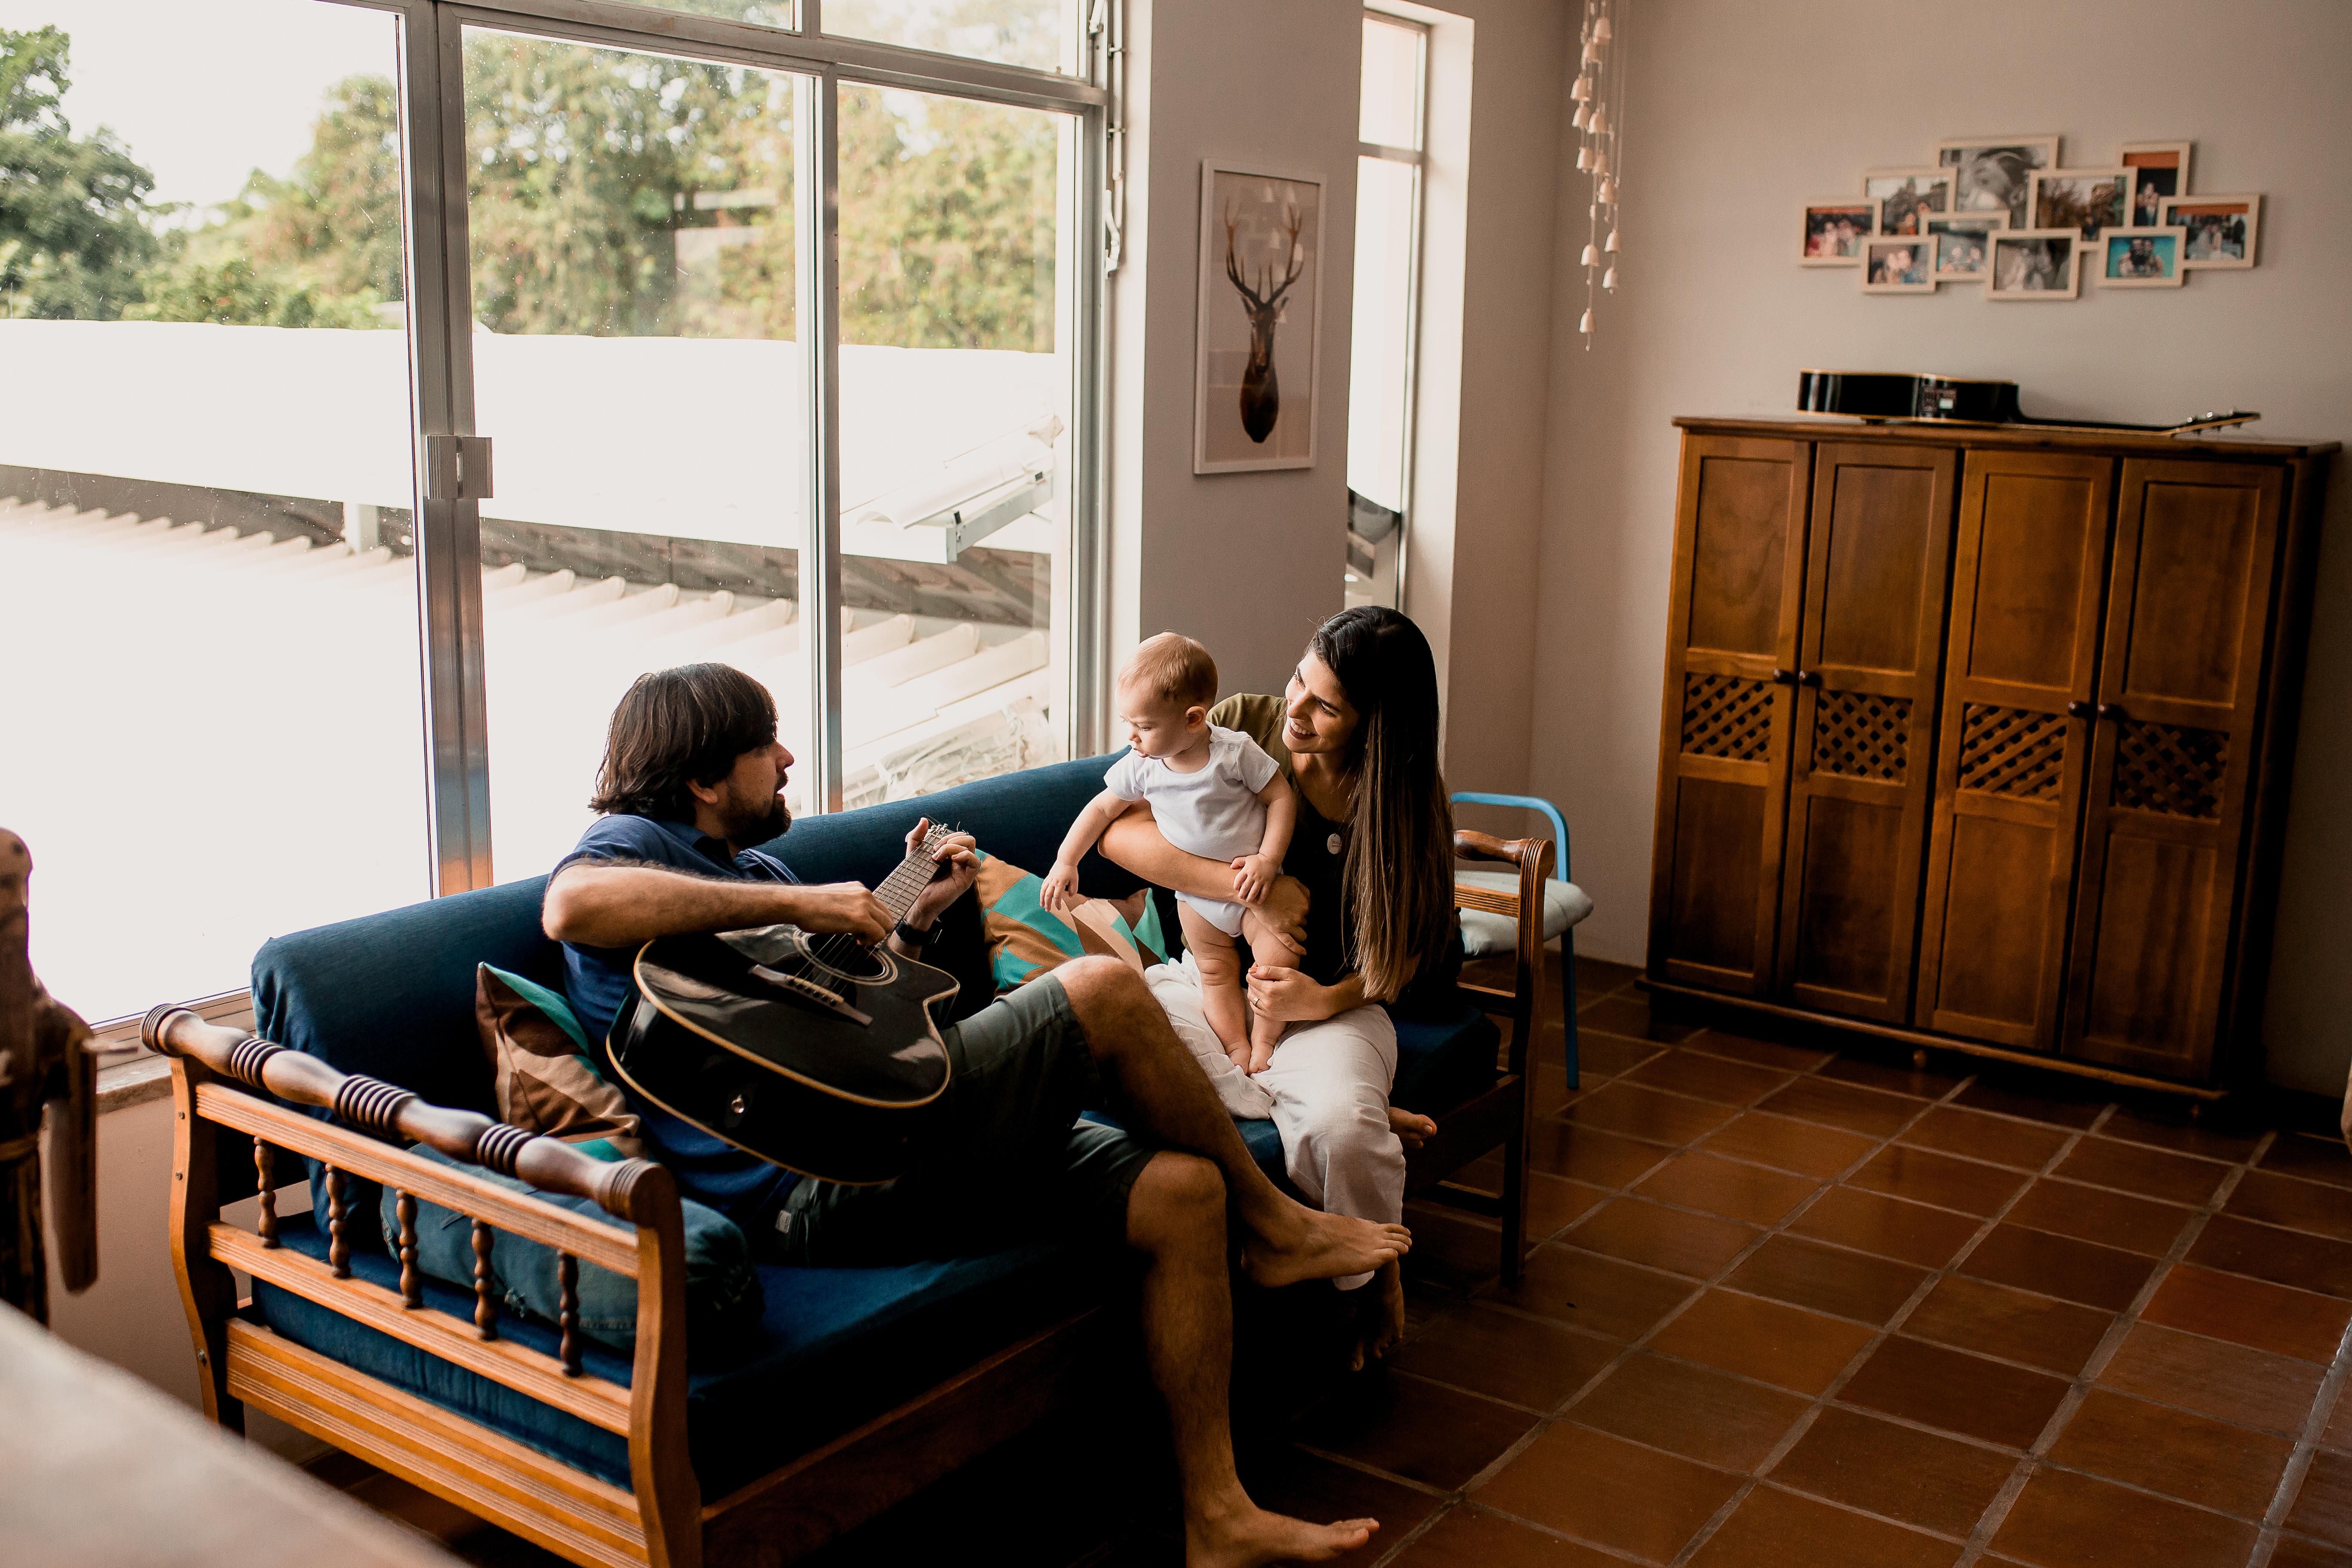 Contate Caroline Tudesco | Fotografia Lifestyle de Famílias, Gestantes, Recém-nascidos, Bebês e Aniversários Infantis | Campos dos Goytacazes/RJ